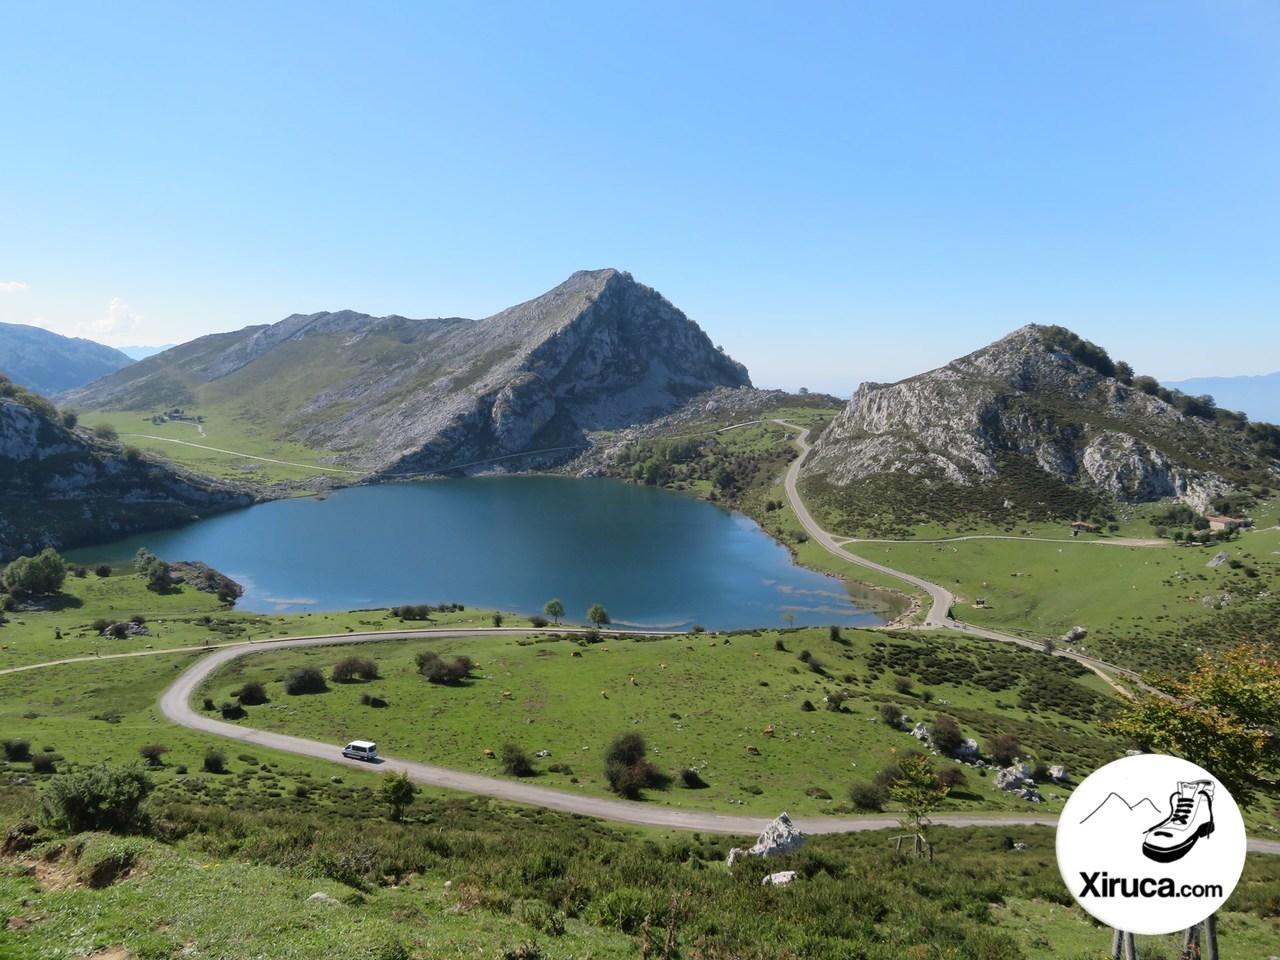 Lago Enol y Refugio Cabaña de Pastores